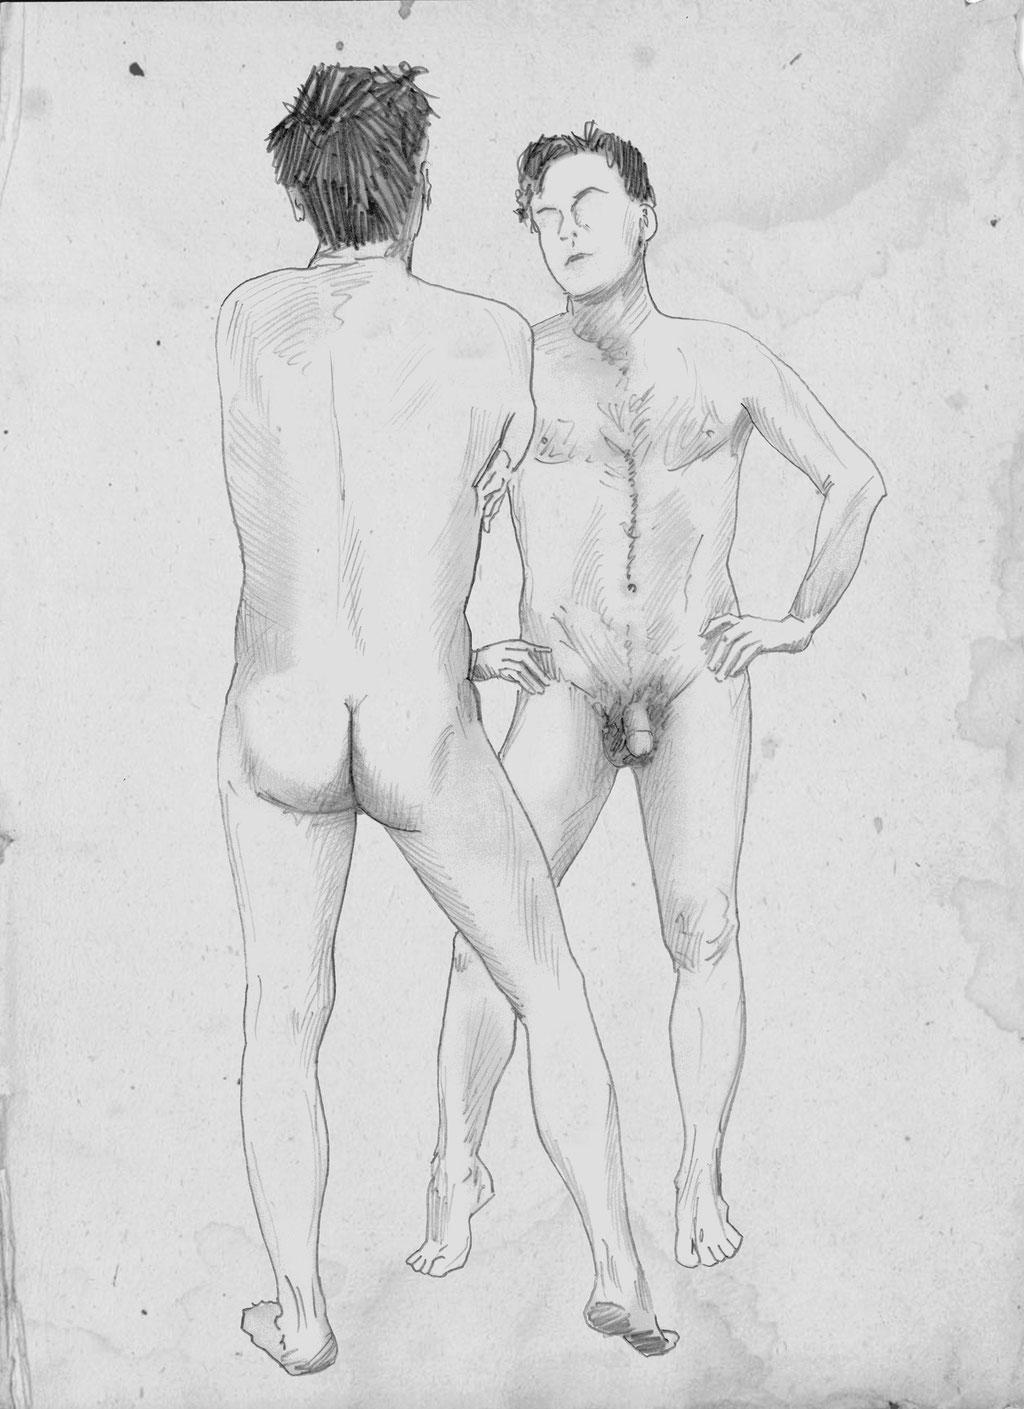 Skizze, Nachdenken über mich selbst, 2013